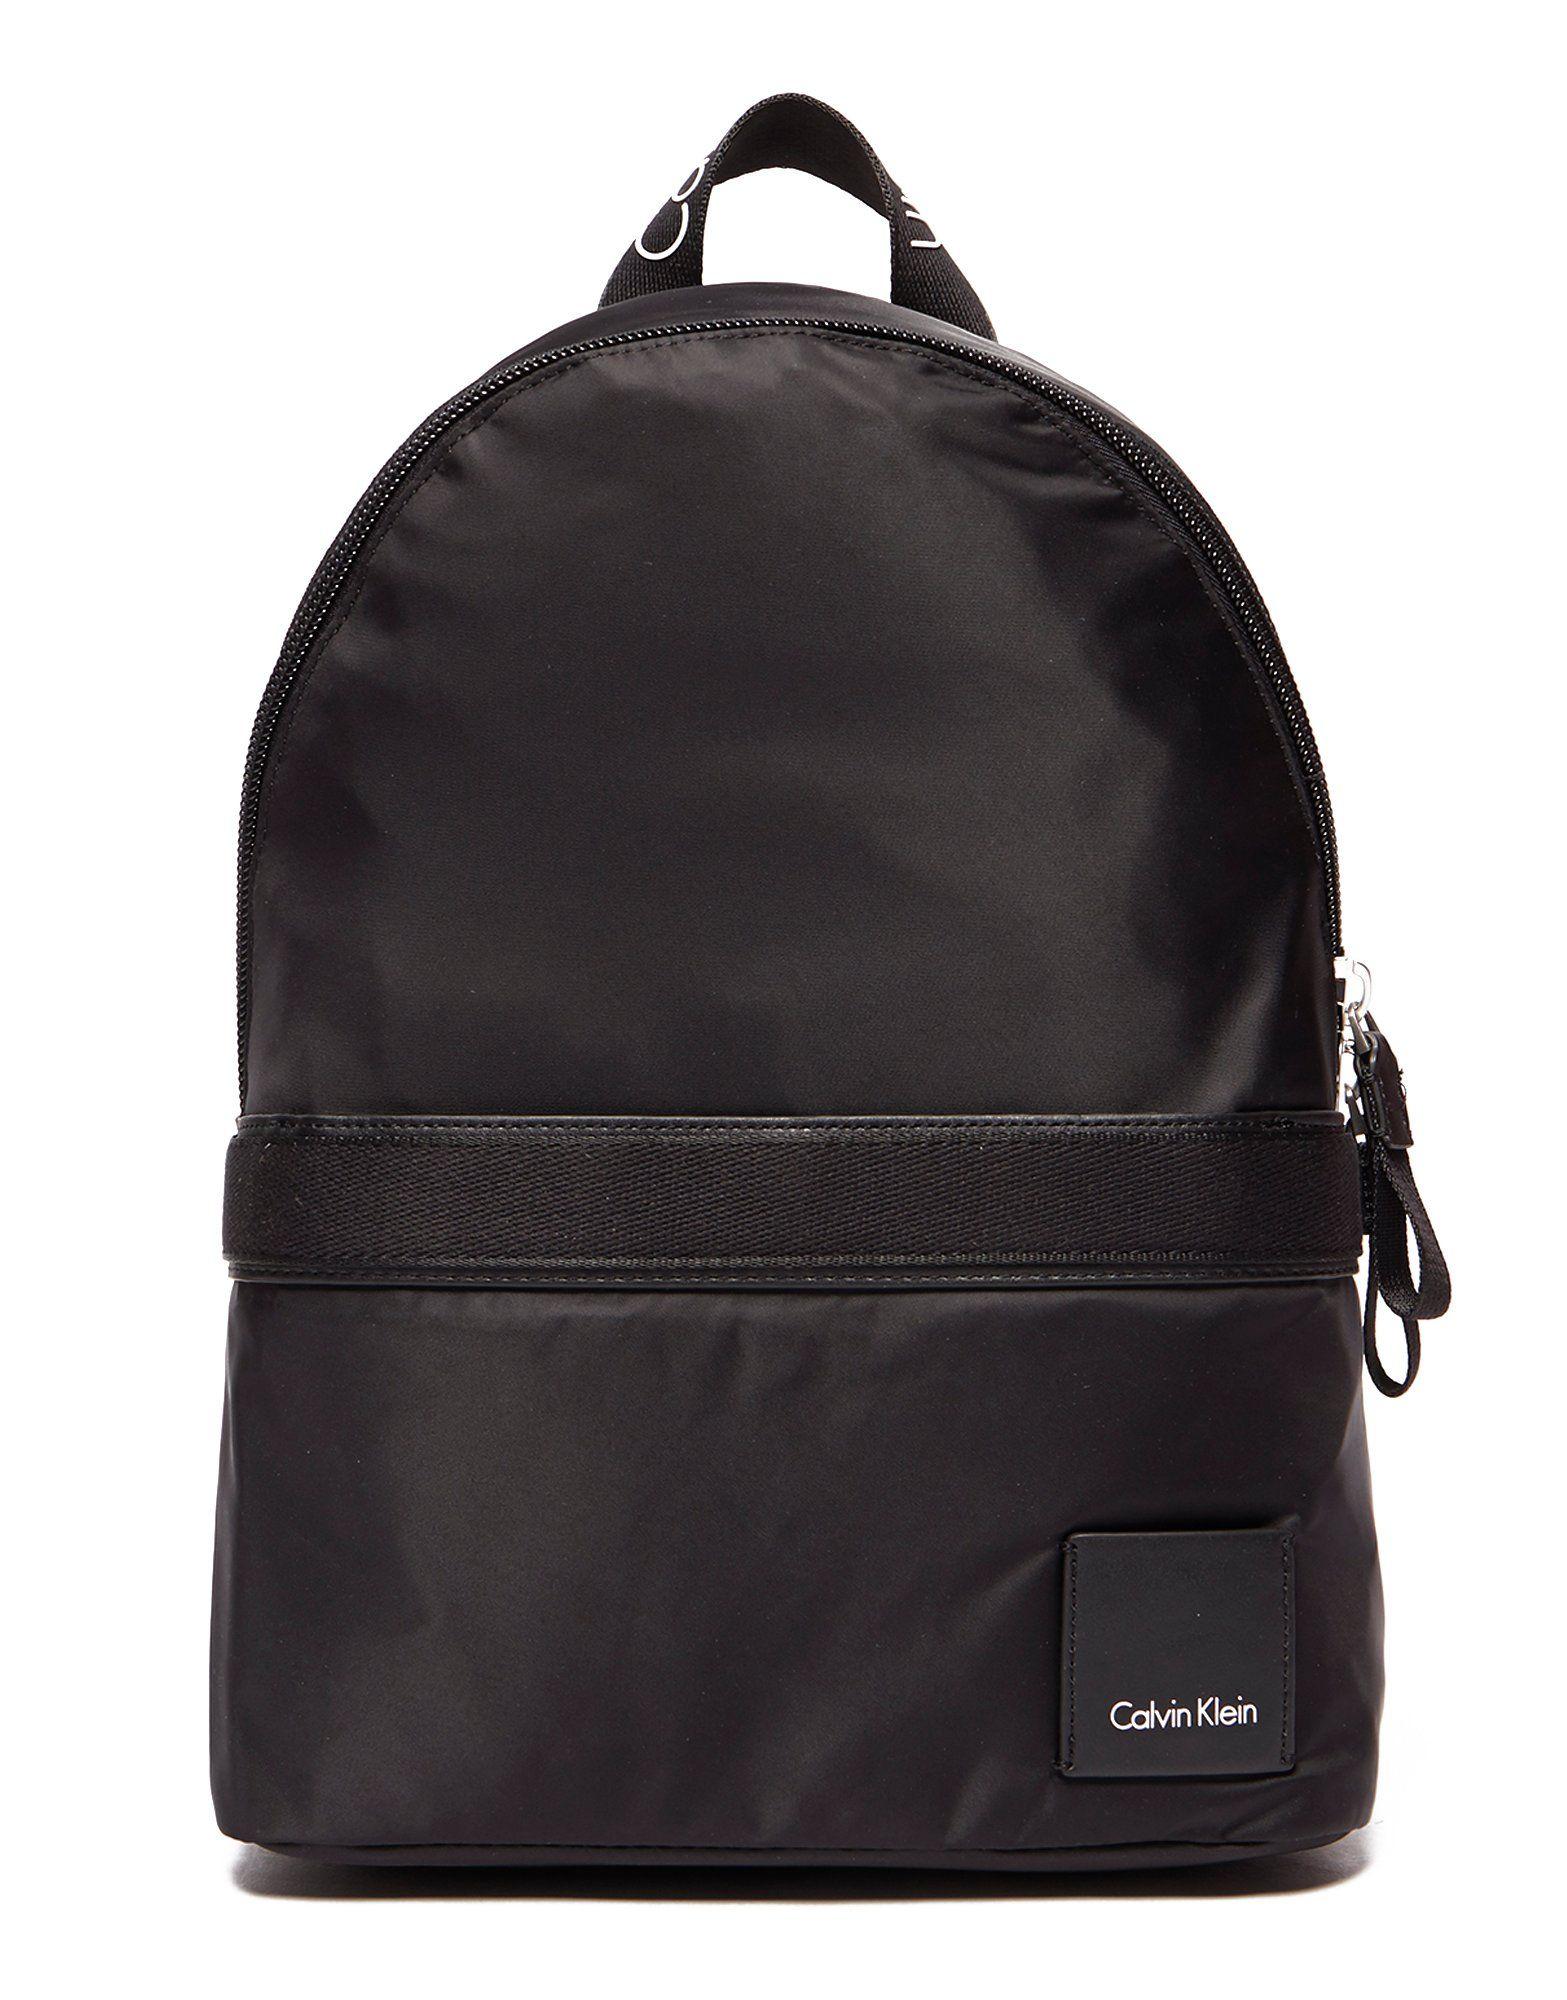 calvin klein fluid backpack jd sports. Black Bedroom Furniture Sets. Home Design Ideas